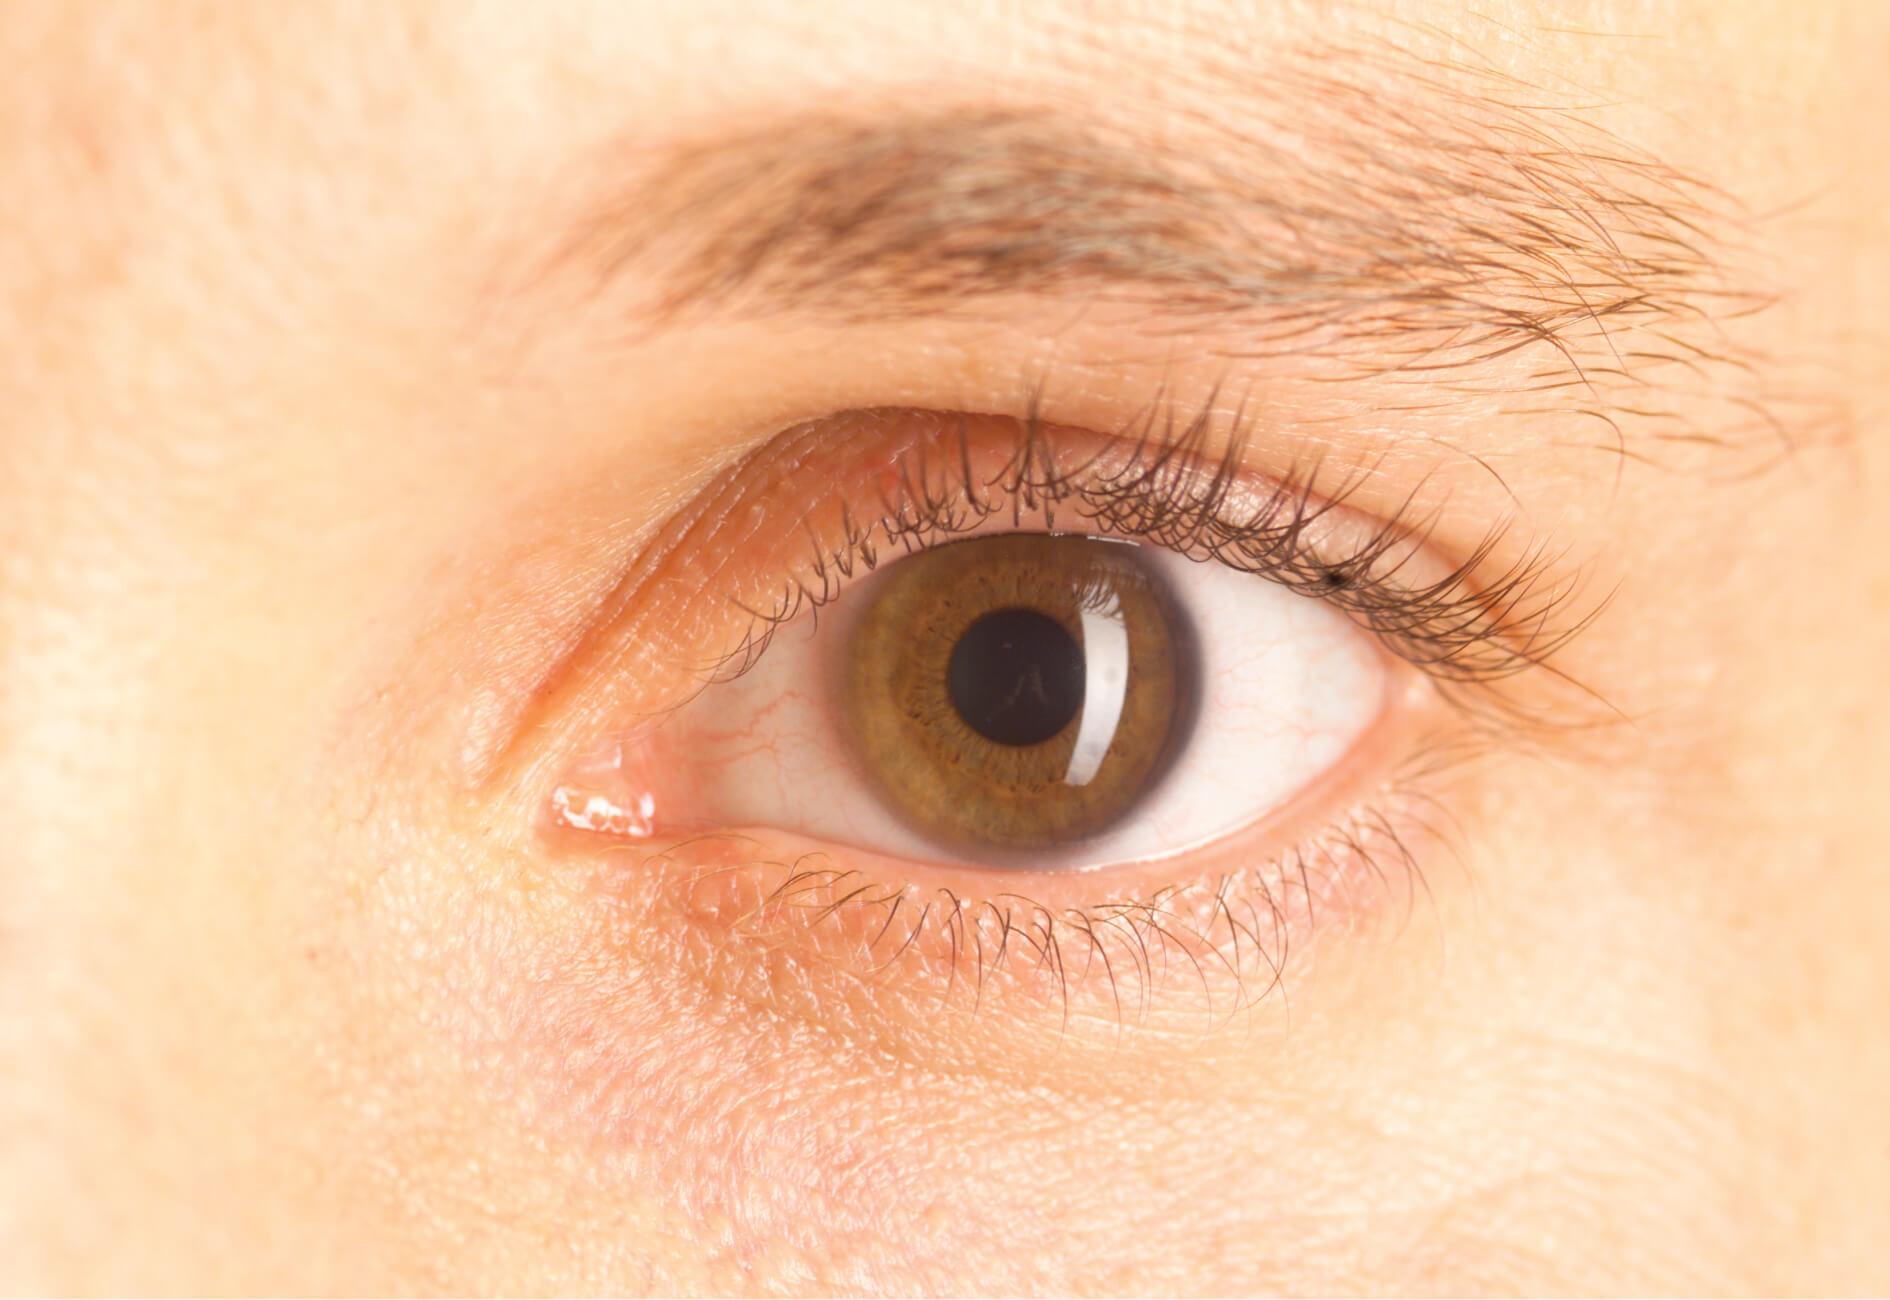 Naturheilkunde für die Augen?